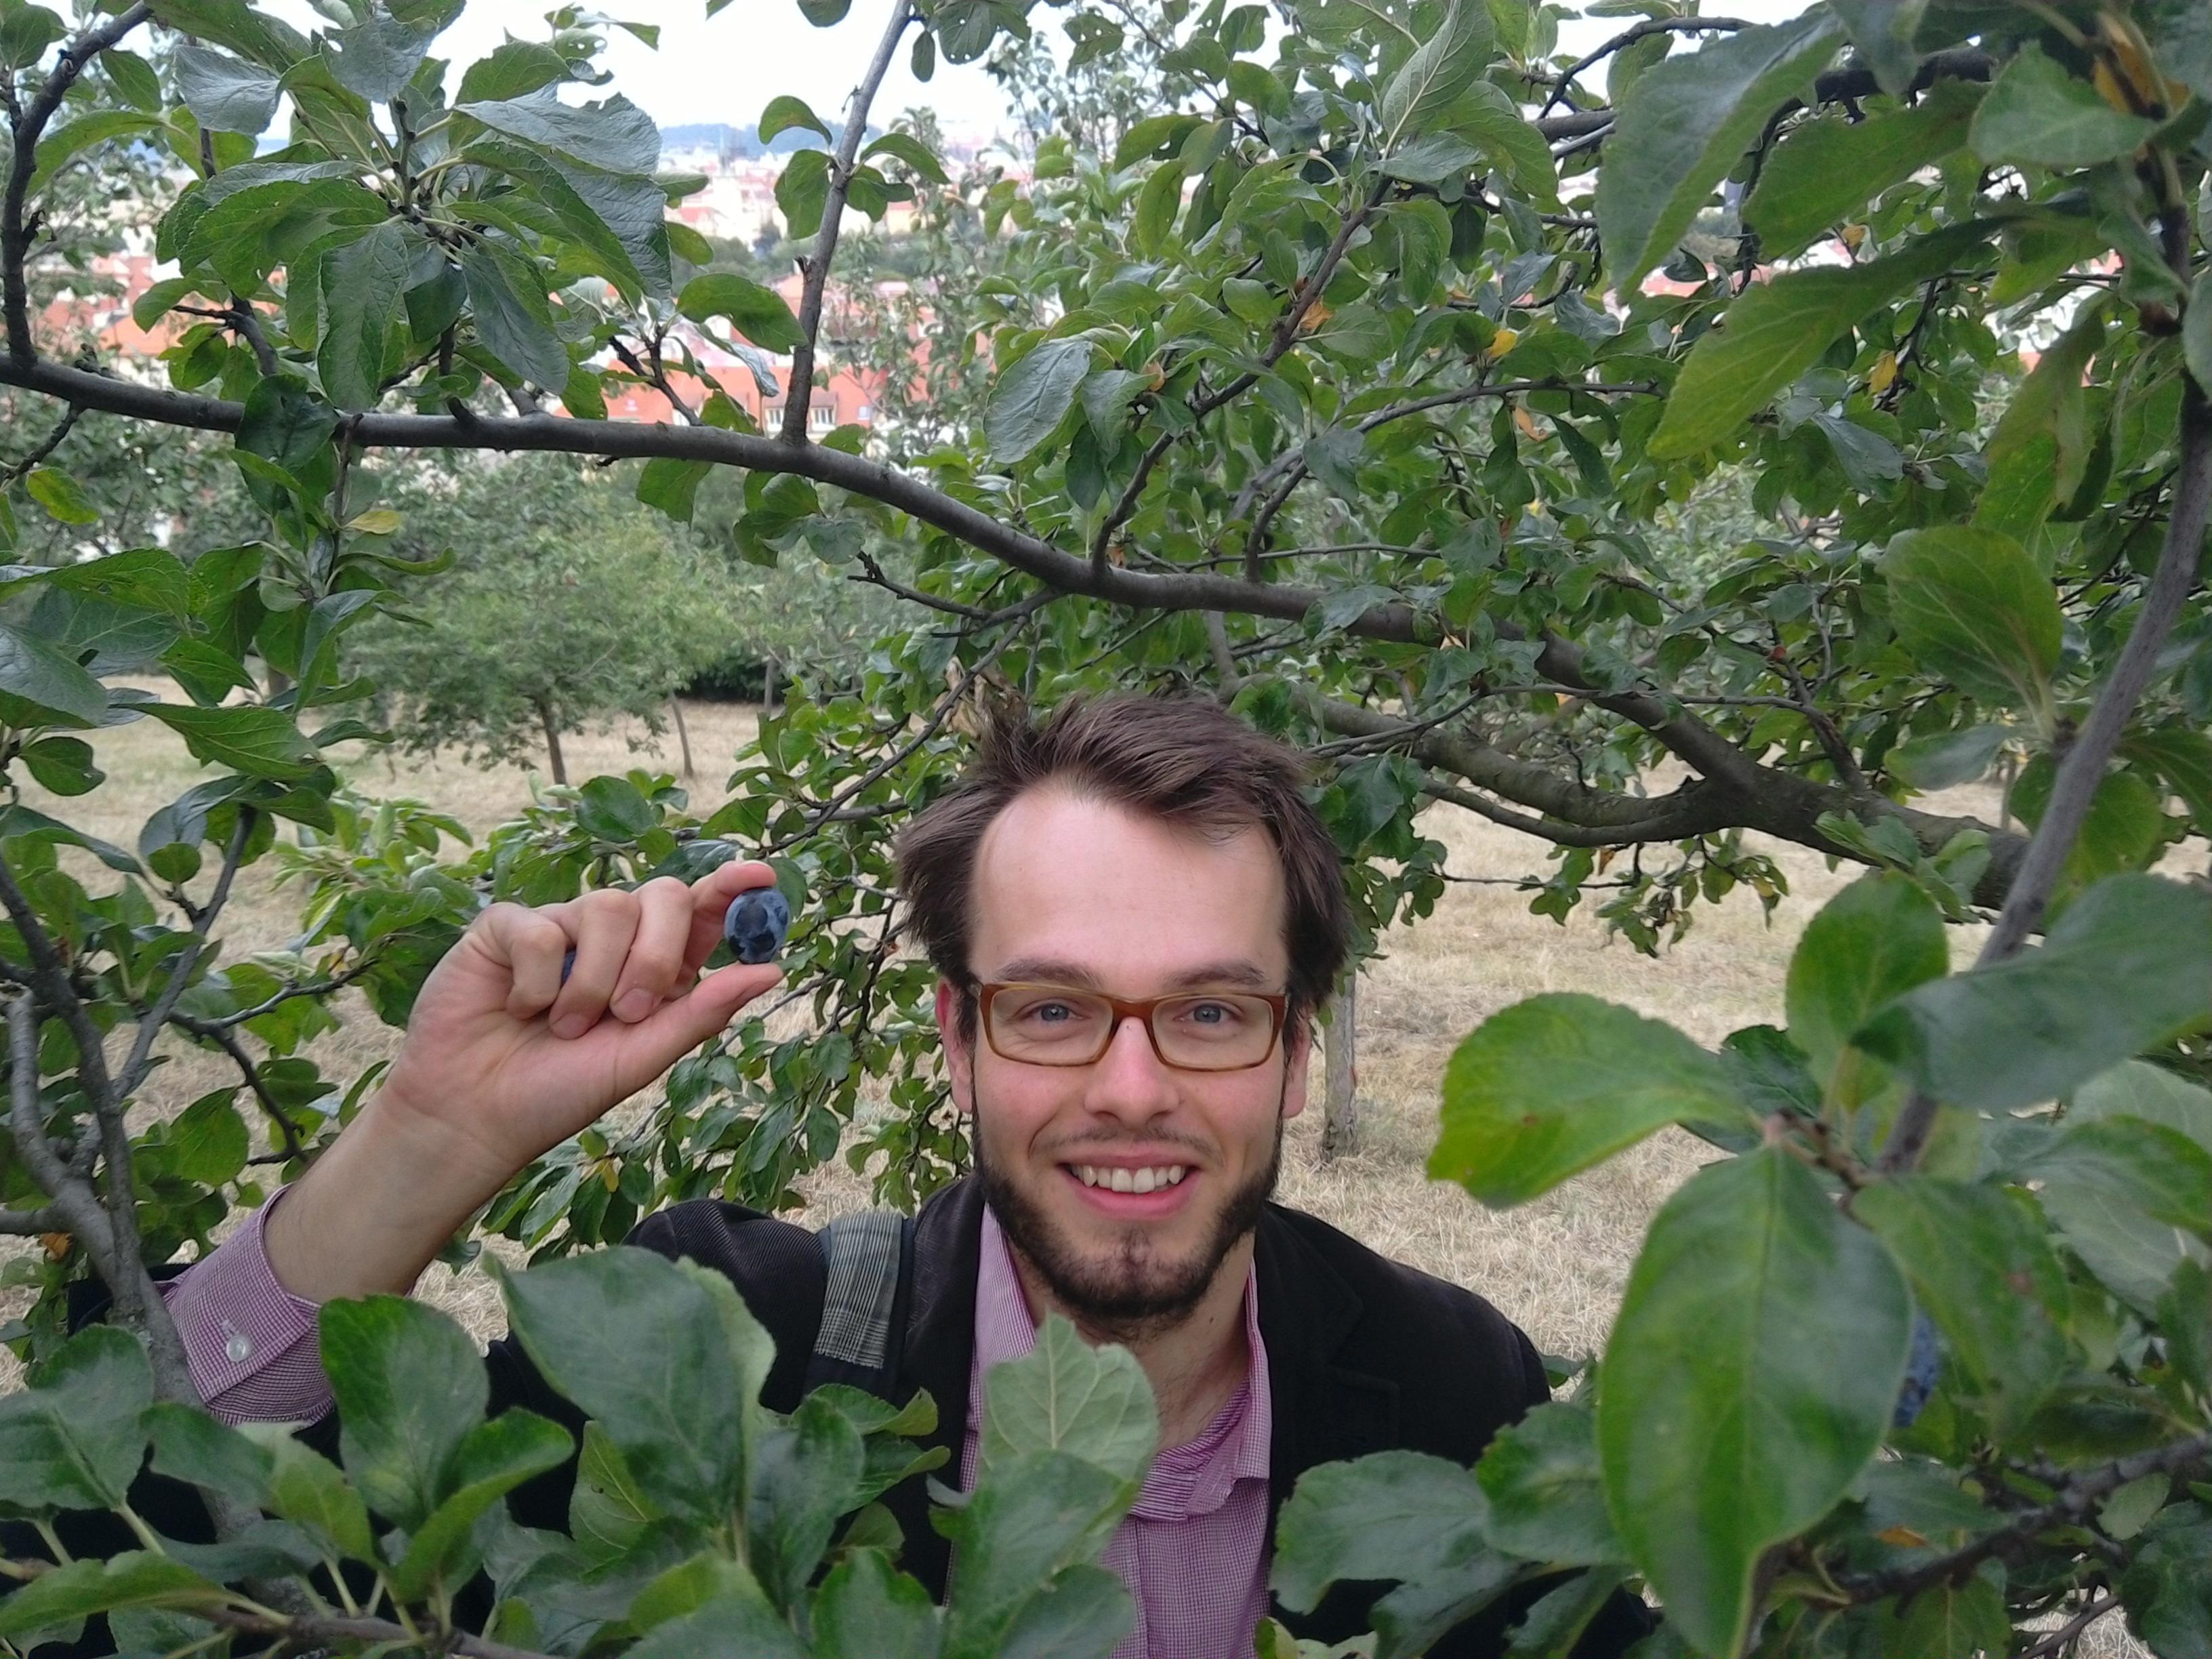 Kam legálně na ovoce a bylinky? Poradí interaktivní aplikace